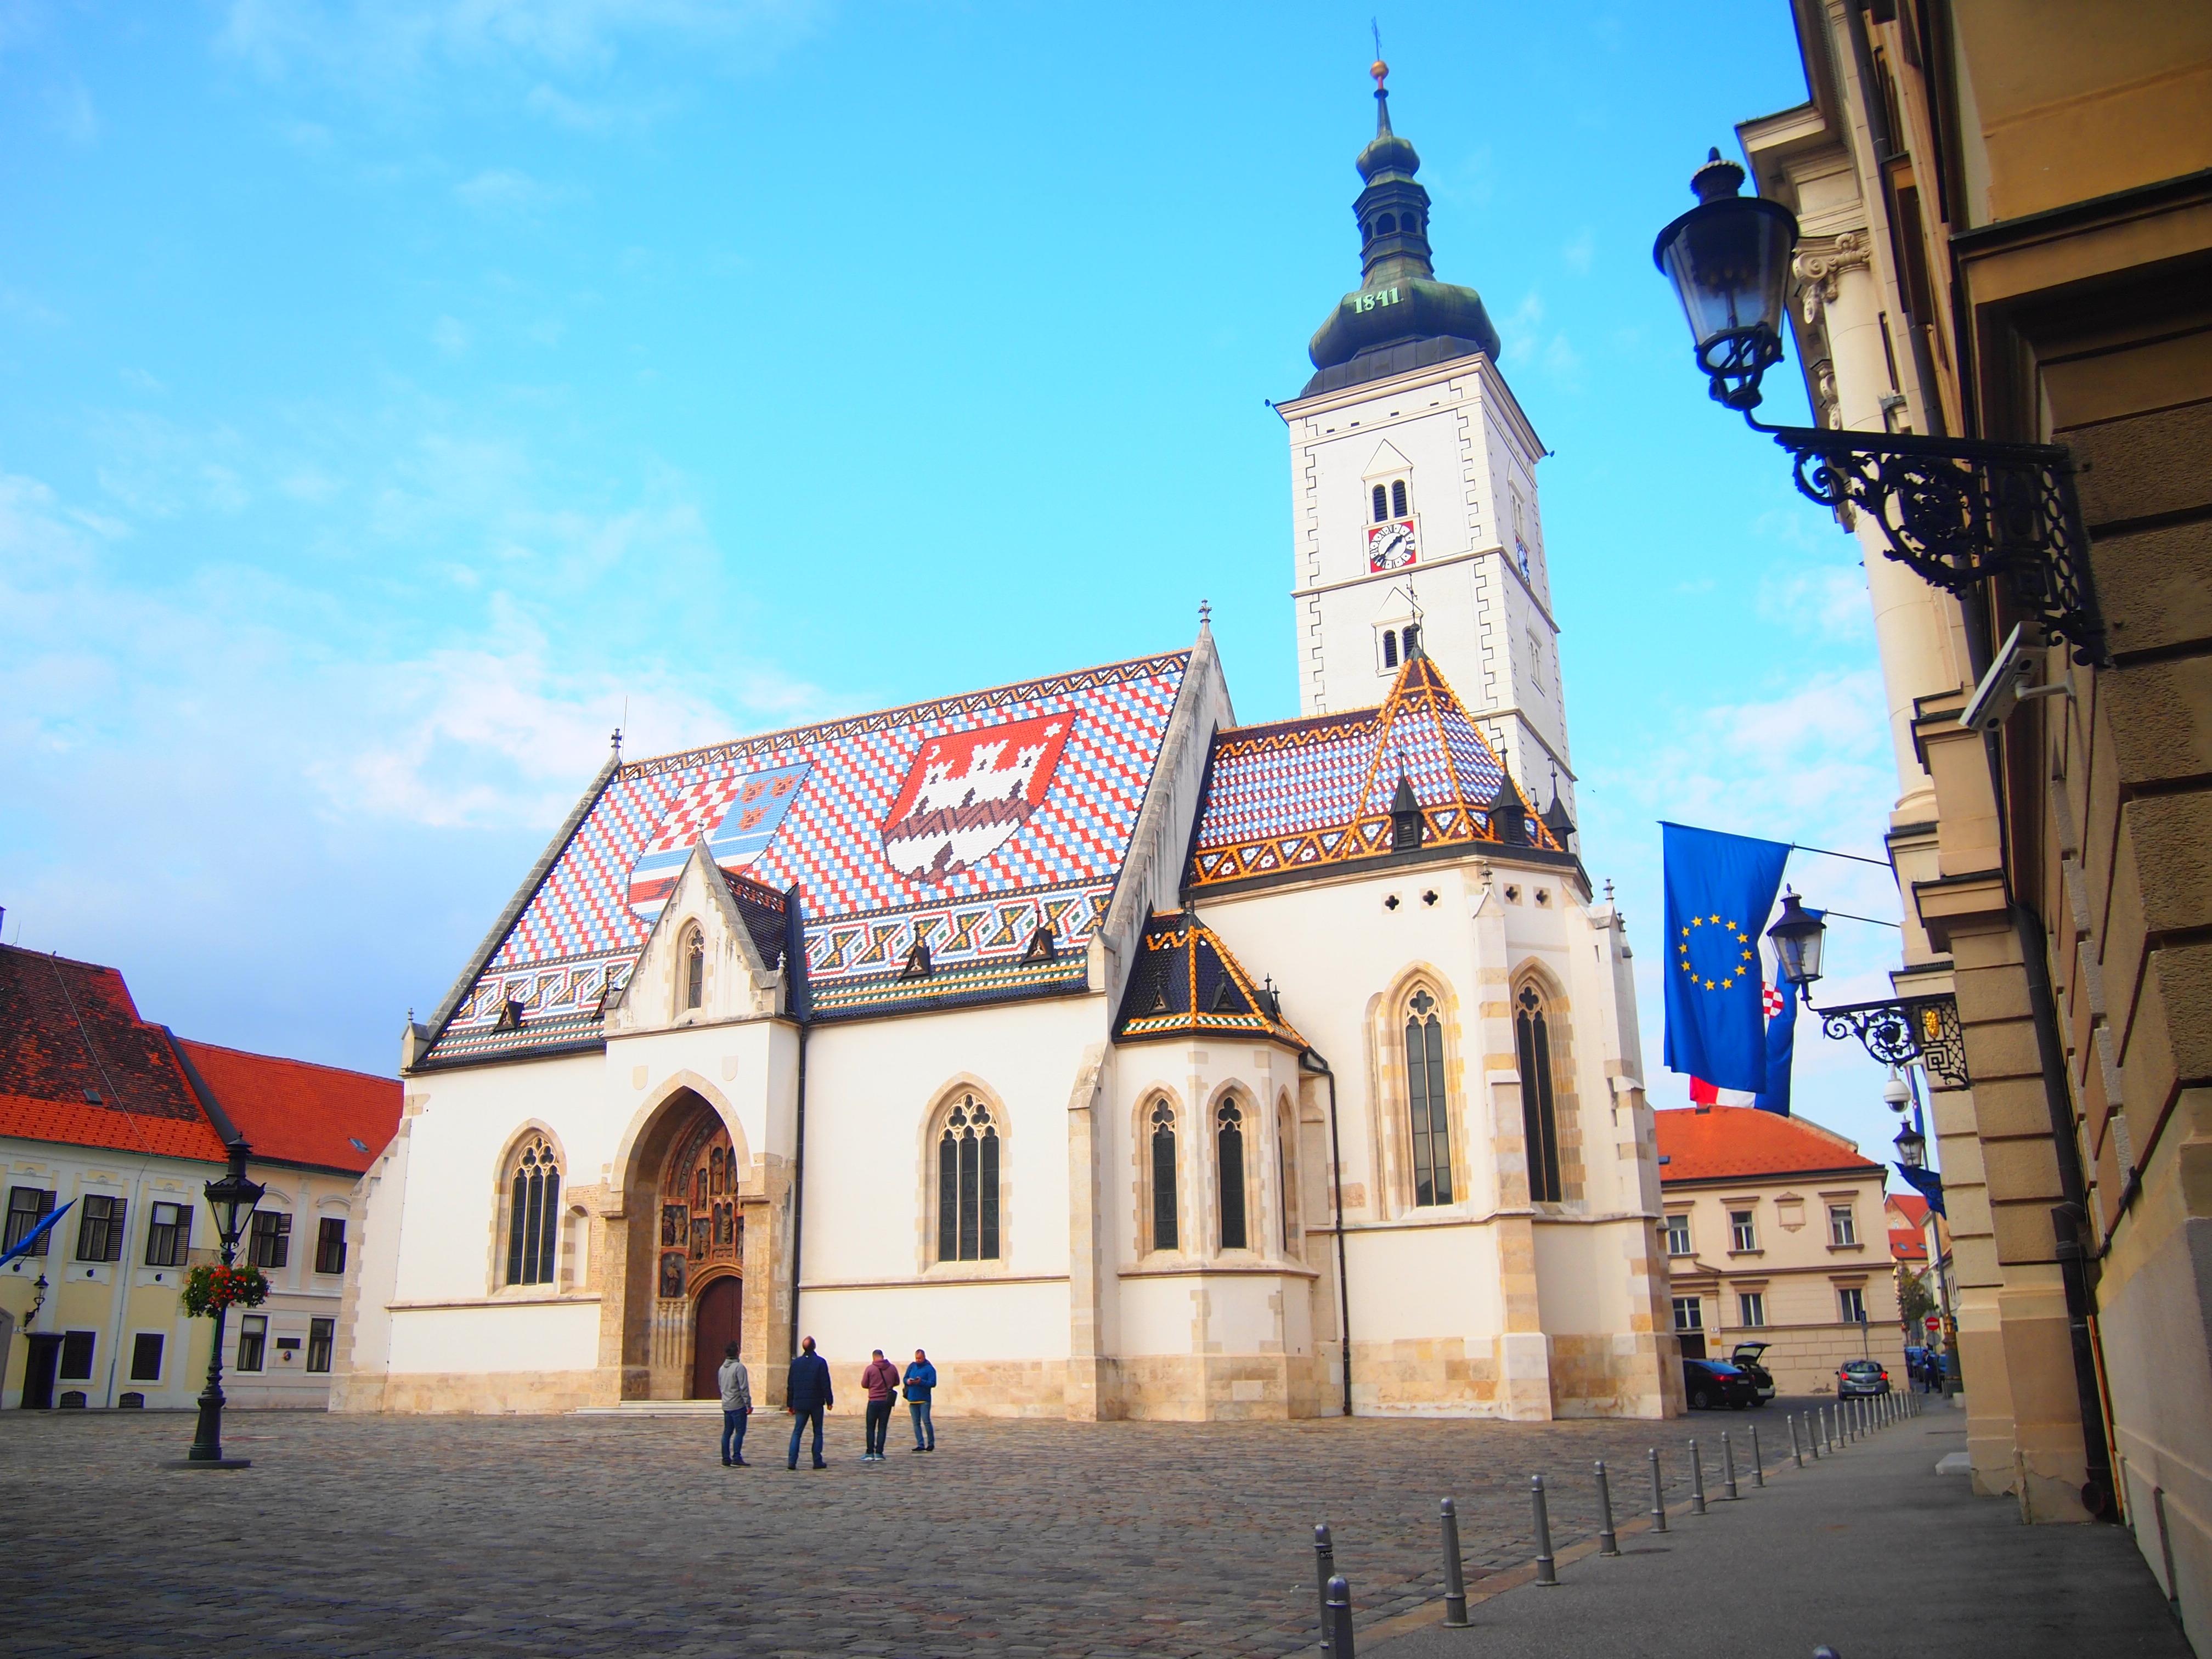 世界一周 ブログ クロアチア ザクレブ 観光